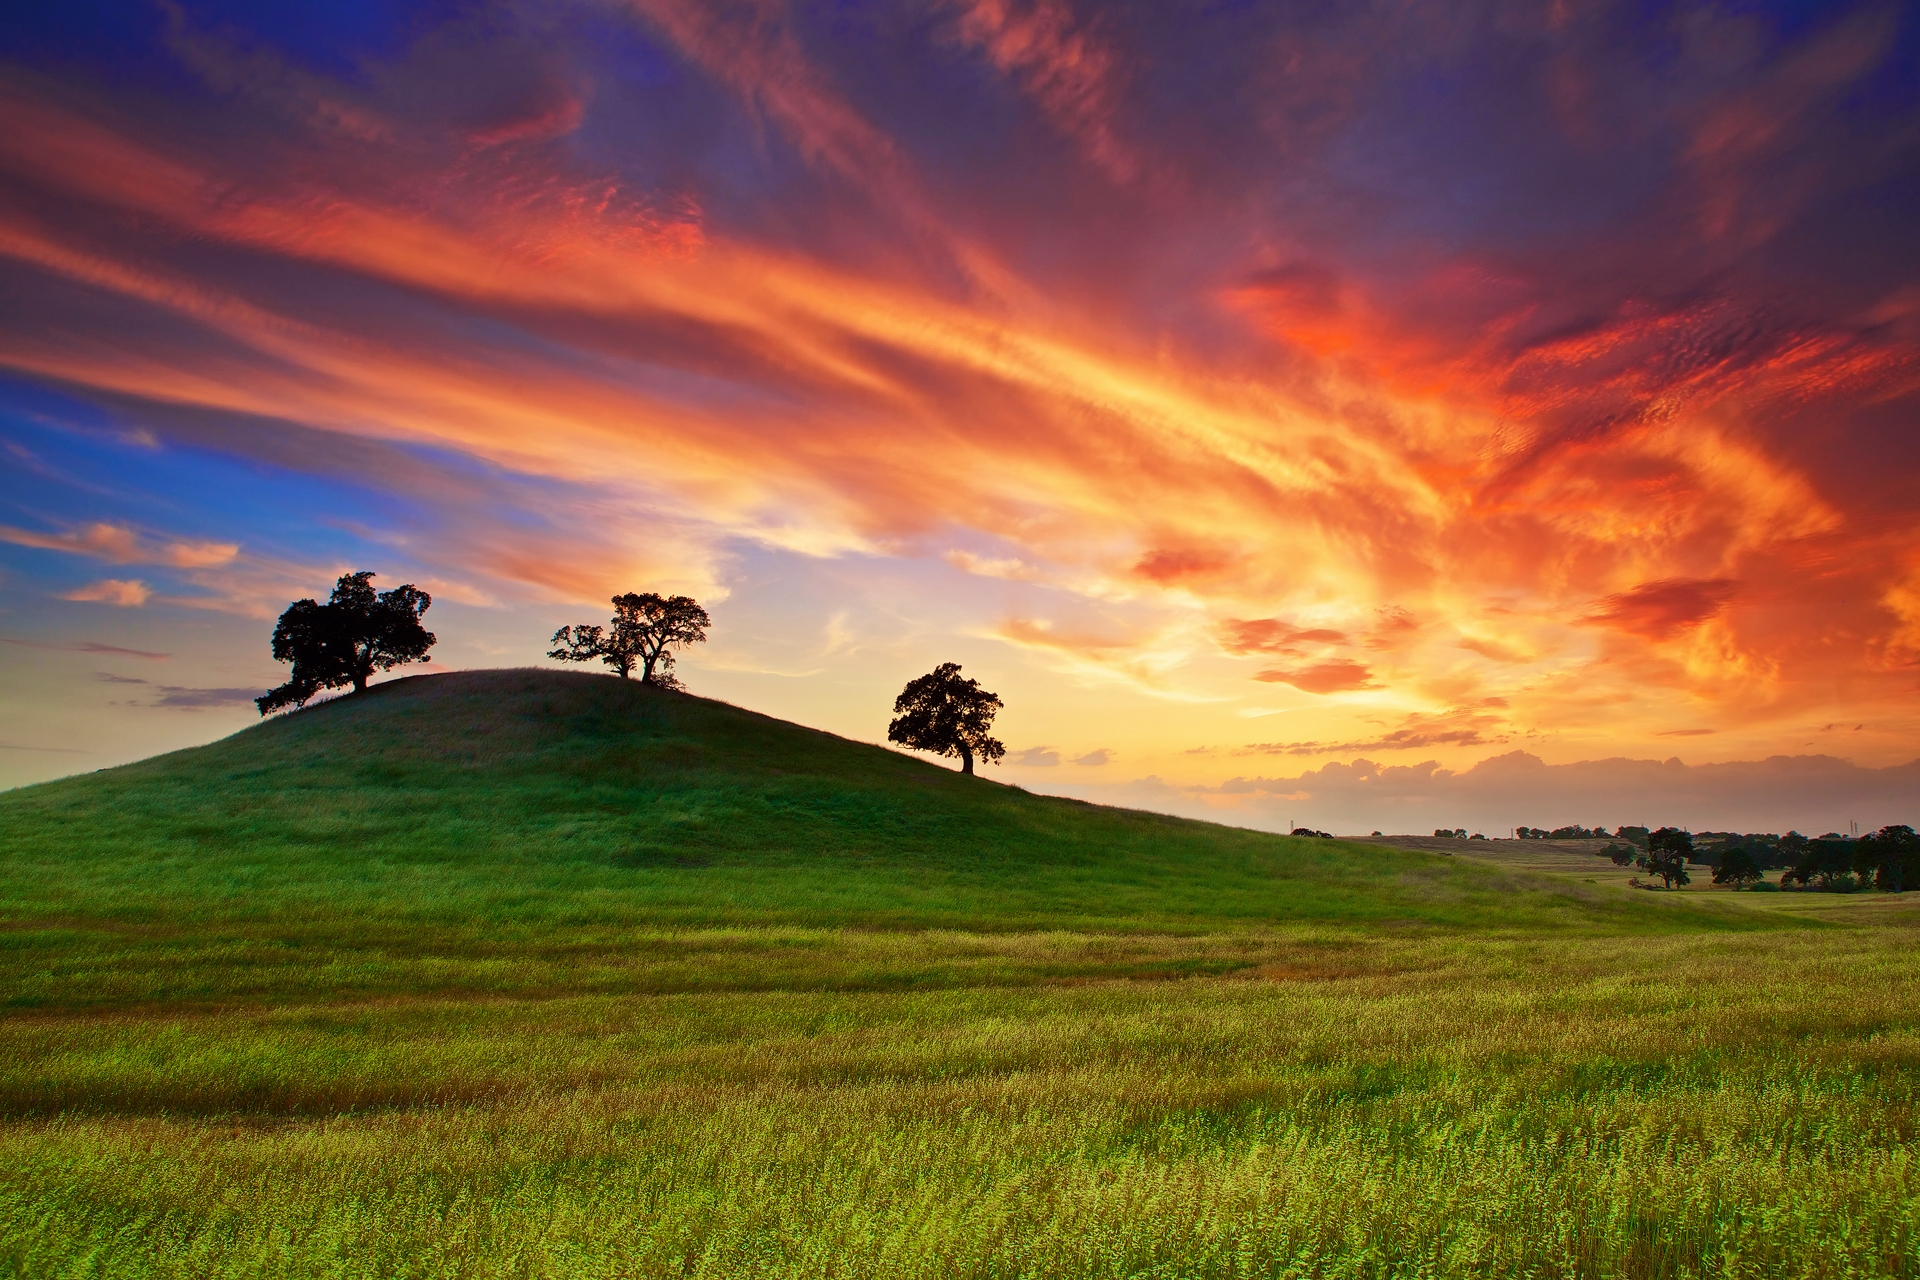 Wallpaper : sunlight, trees, landscape, sunset, hill, nature, grass ...